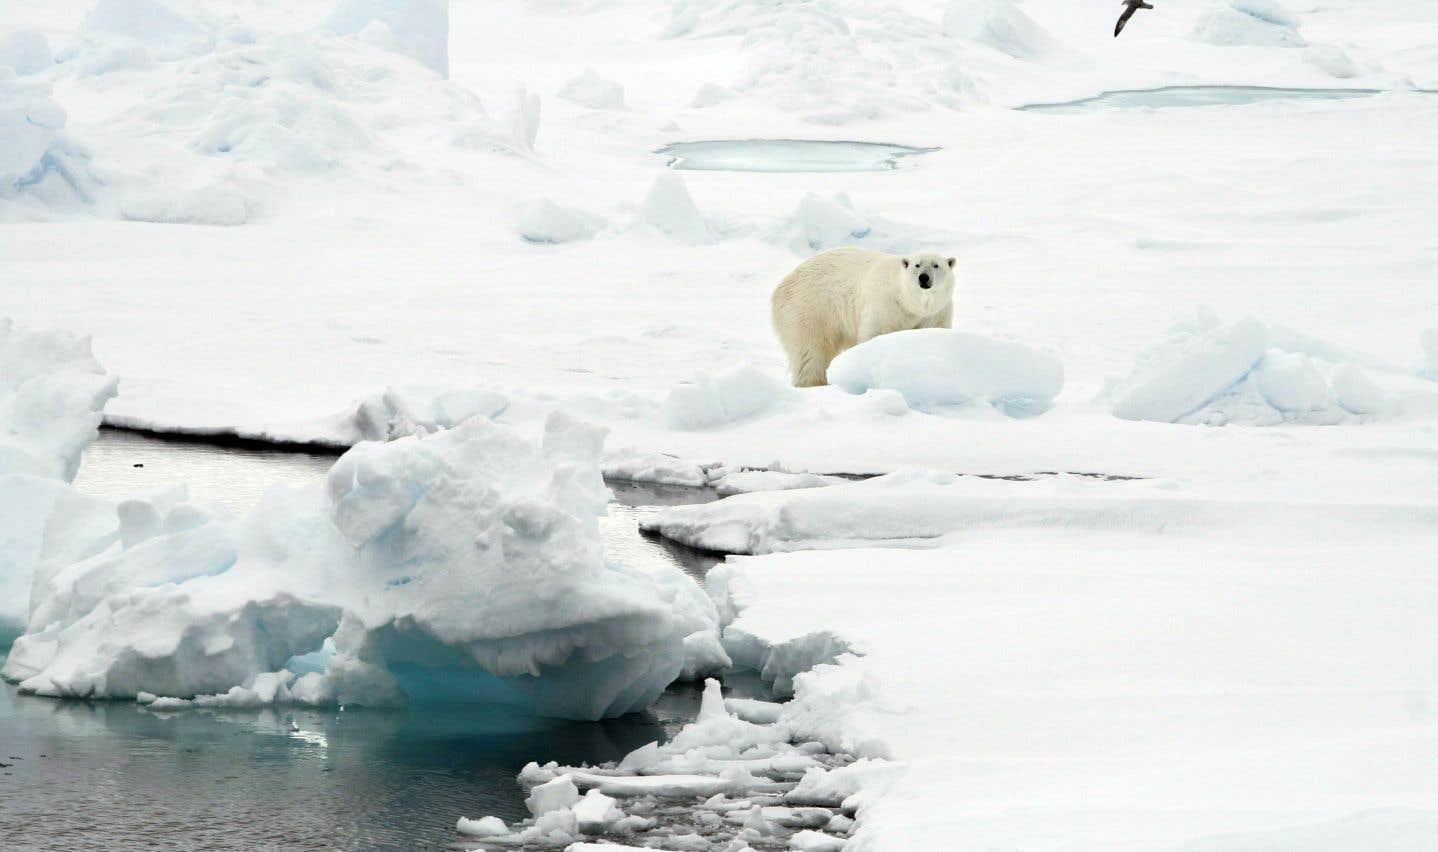 Les radars surestiment de 11% l'épaisseur de la glace saisonnière pour la glace de plus de 95 centimètres d'épaisseur et de 25% pour la glace de moins de 70 centimètres d'épaisseur.